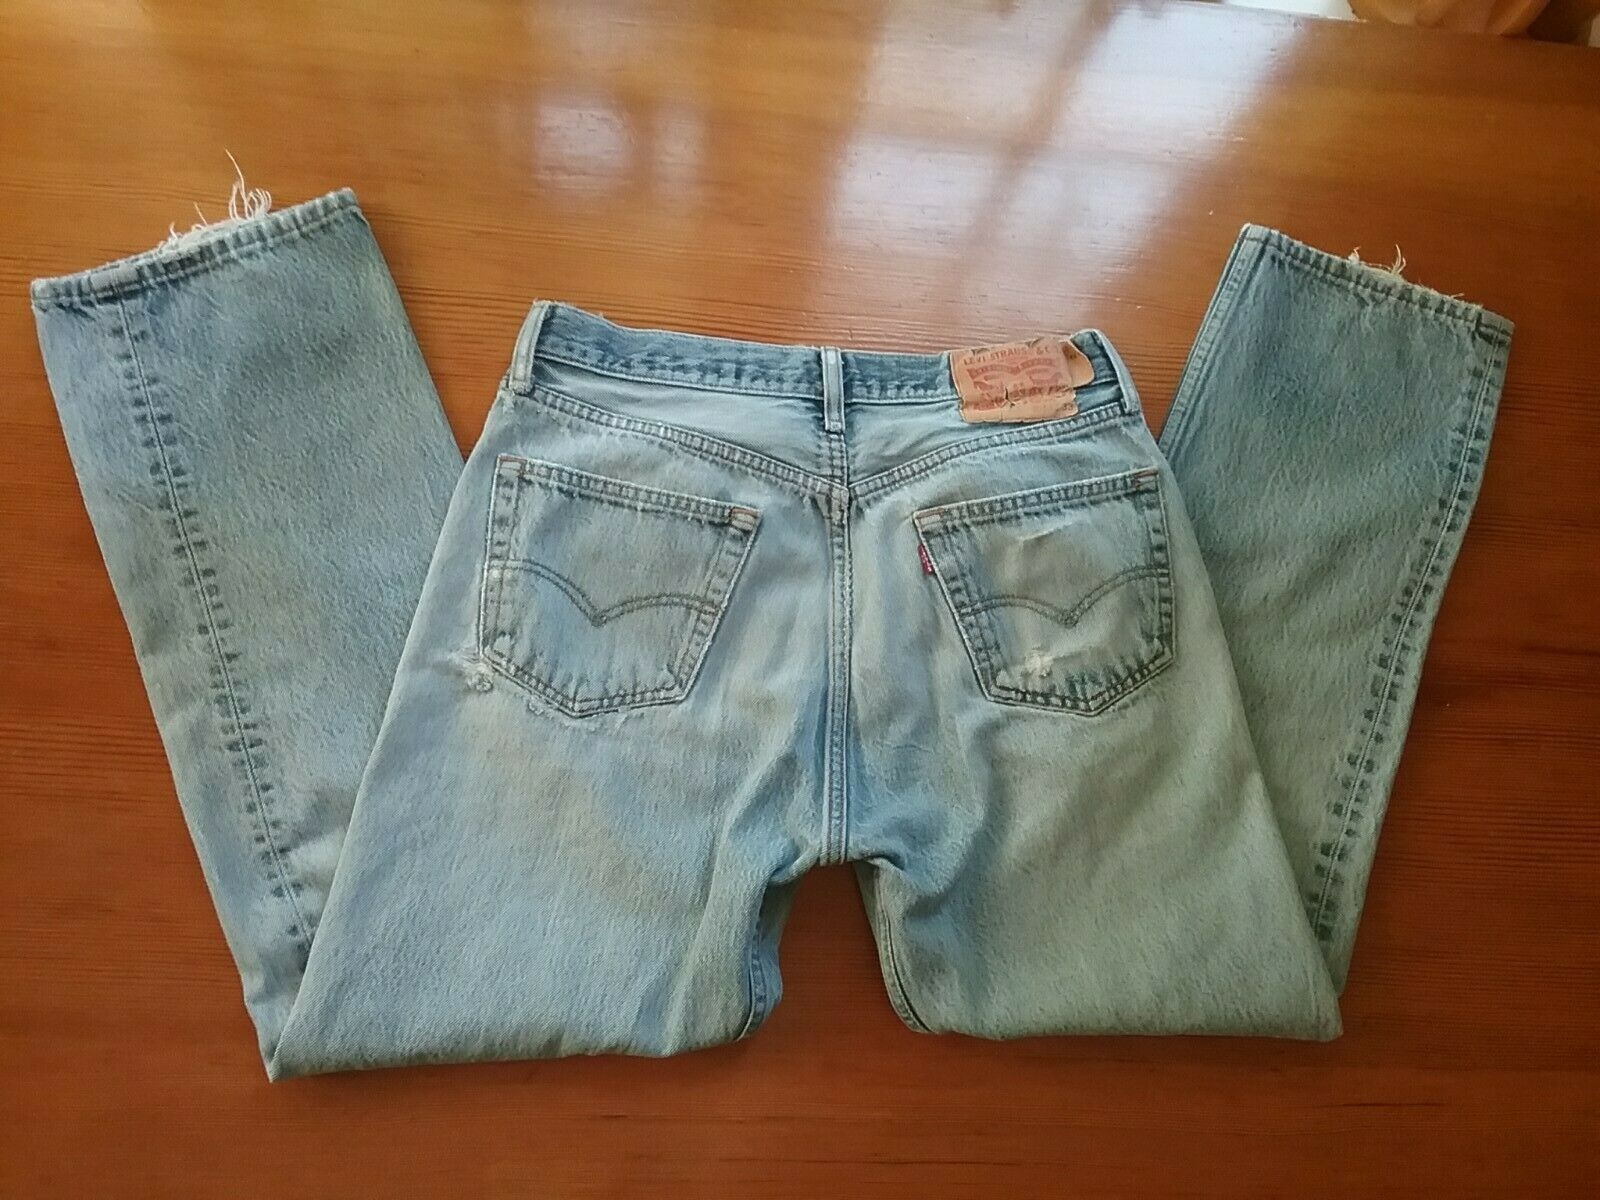 Levis 501 Jeans Distressed Destroyed Lt. Blue But… - image 1